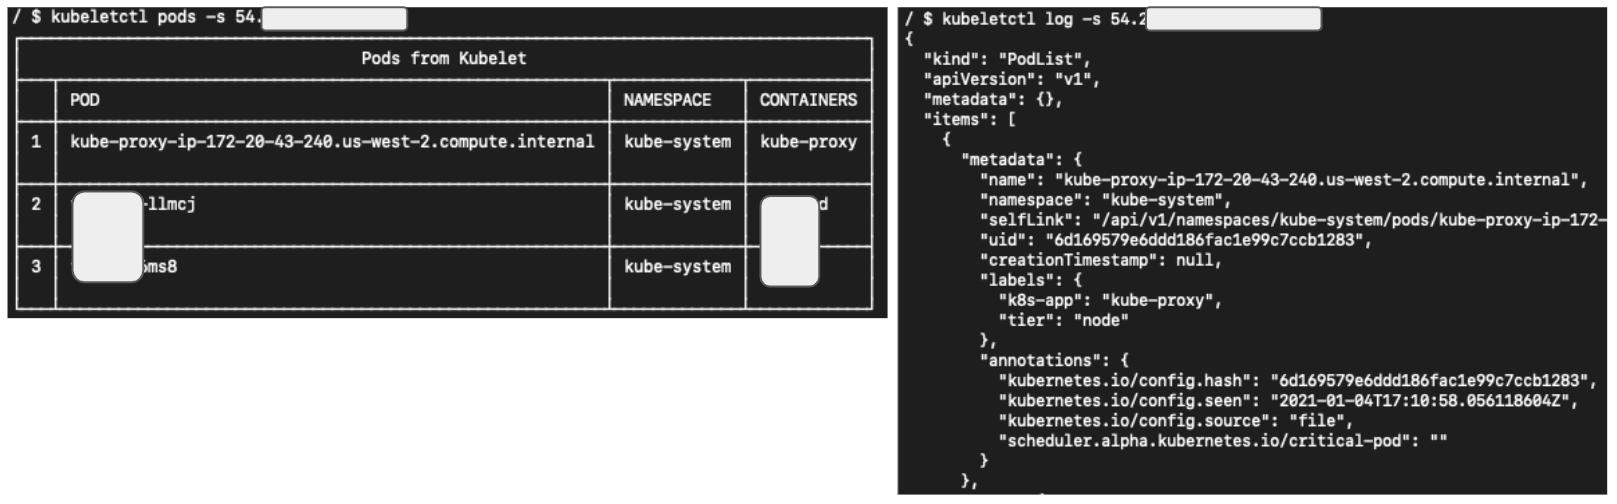 図5 kubeletctlを使用して匿名でkubeletサーバーにアクセスする